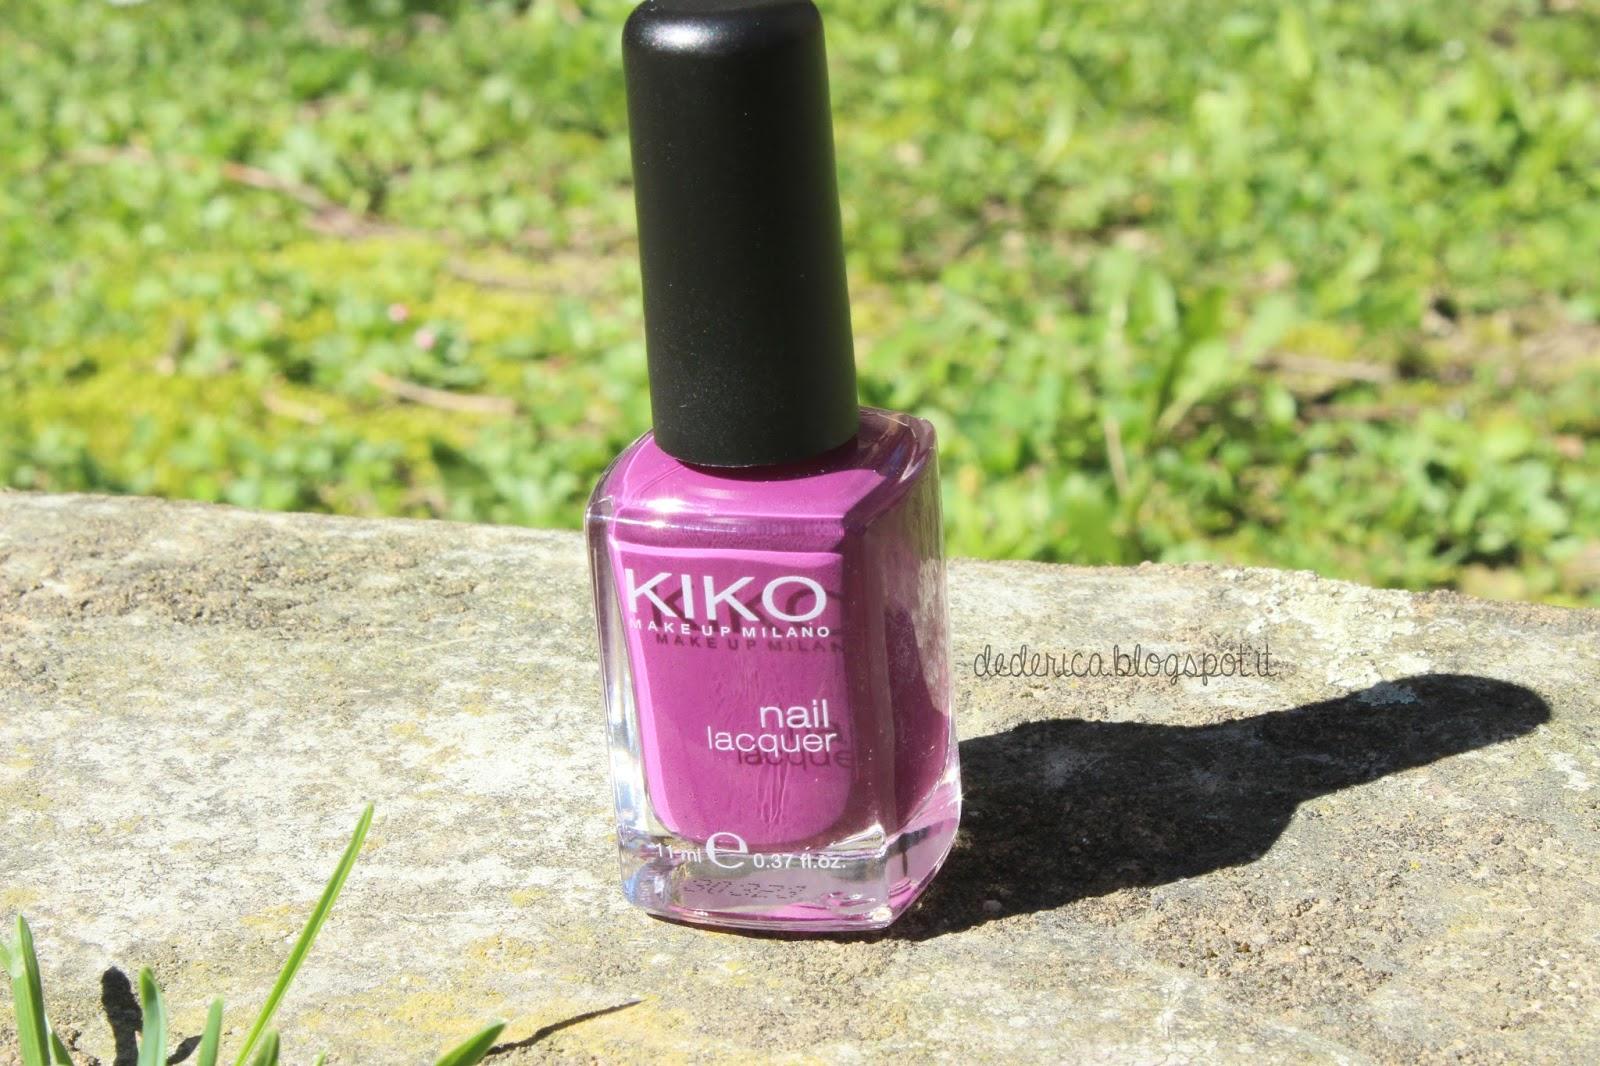 Kiko - Nail Lacquer